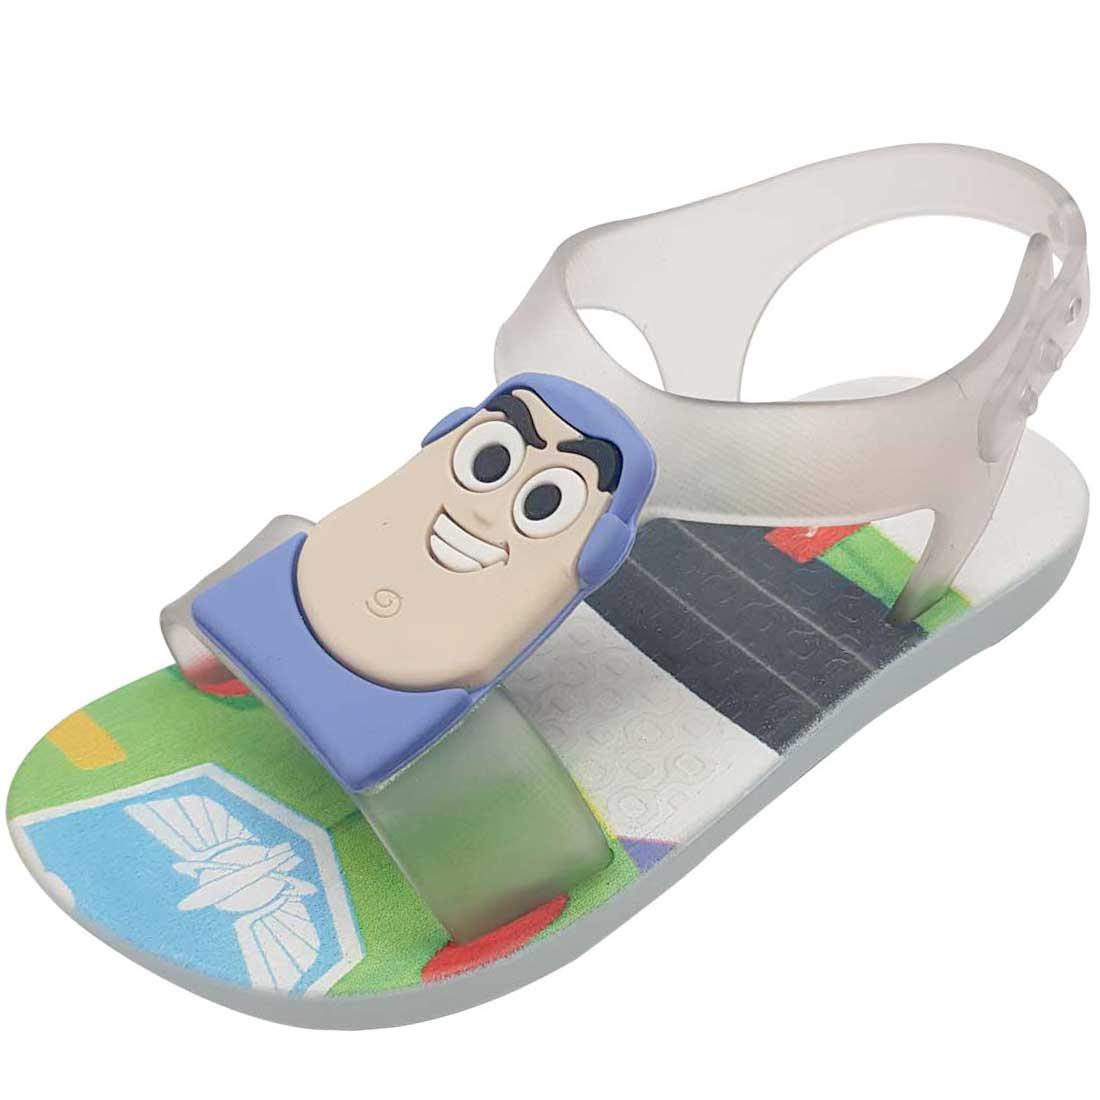 Sandália Ipanema Buzz Lightyear Toy Story - Branco